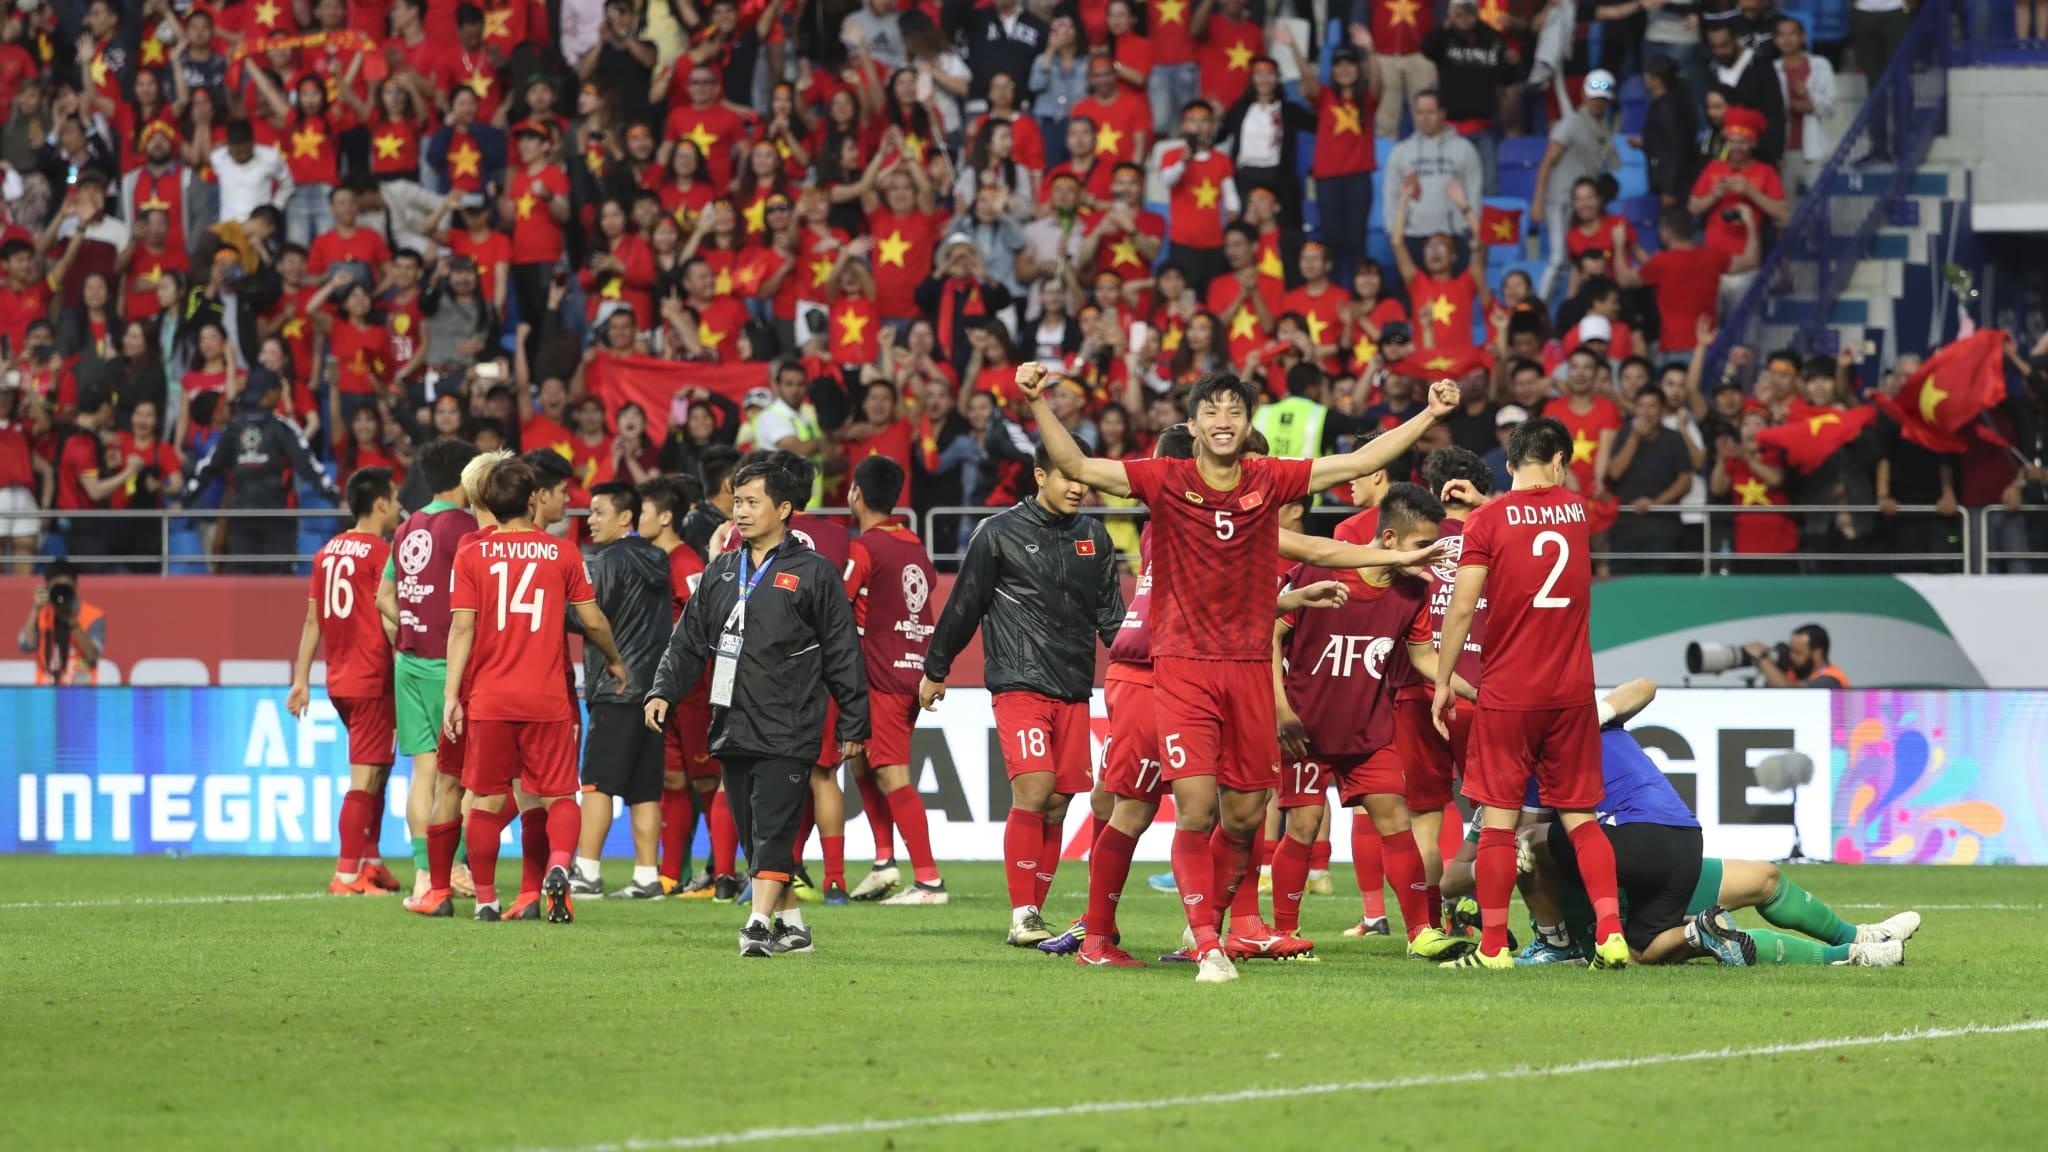 Trang chủ FIFA bình luận gì về chiến thắng của ĐT Việt Nam? - Bóng Đá